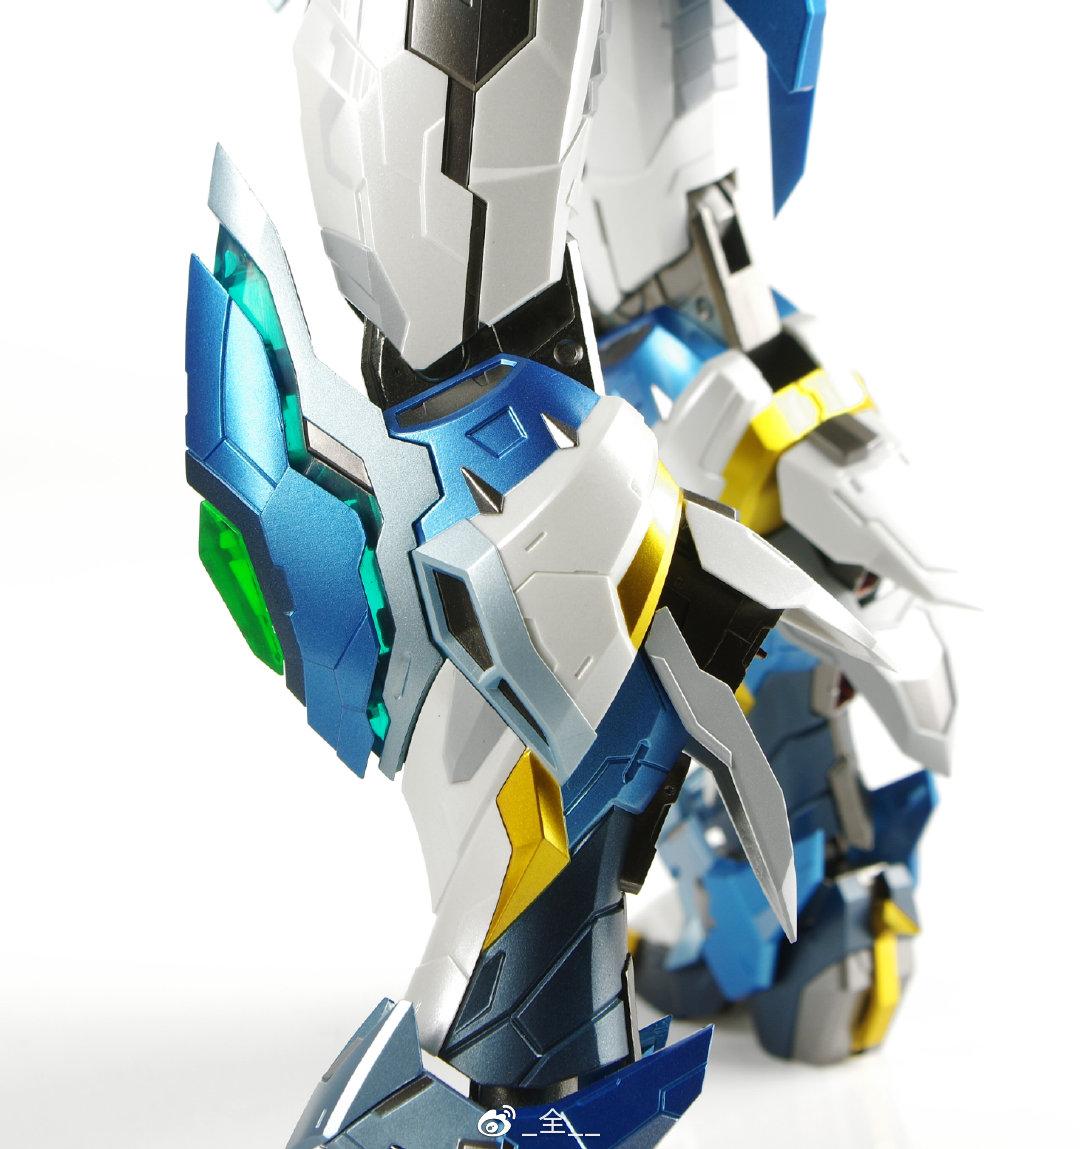 S470_MOTOR_NUCLEAR_MN_Q03_blue_gragon_ao_bing_di_hui_xing_han_long_zi_049.jpg